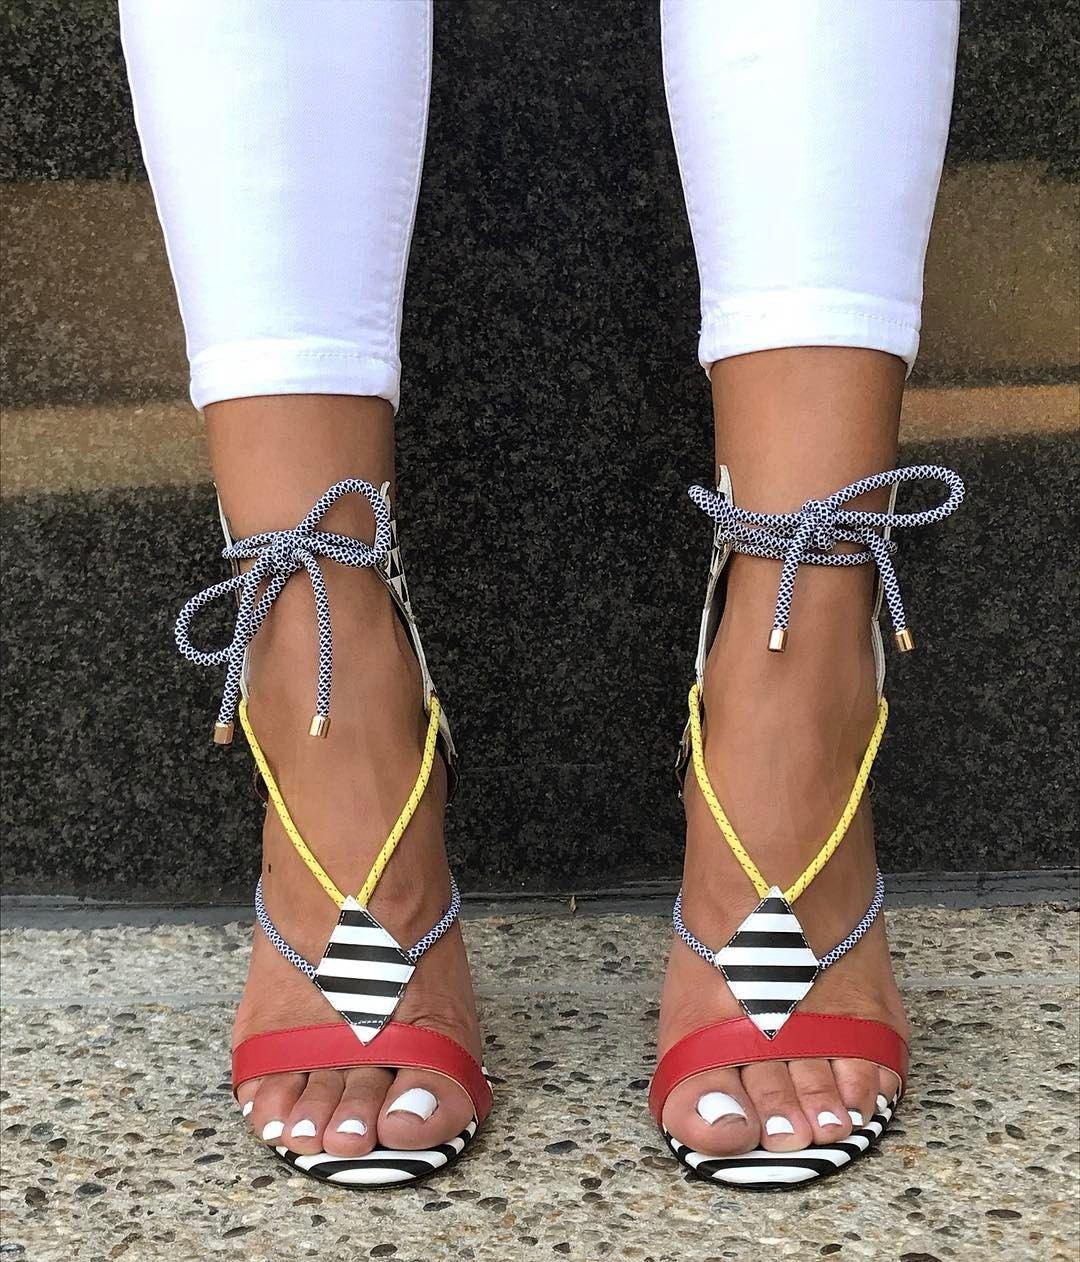 Alejandra g shoes for sale